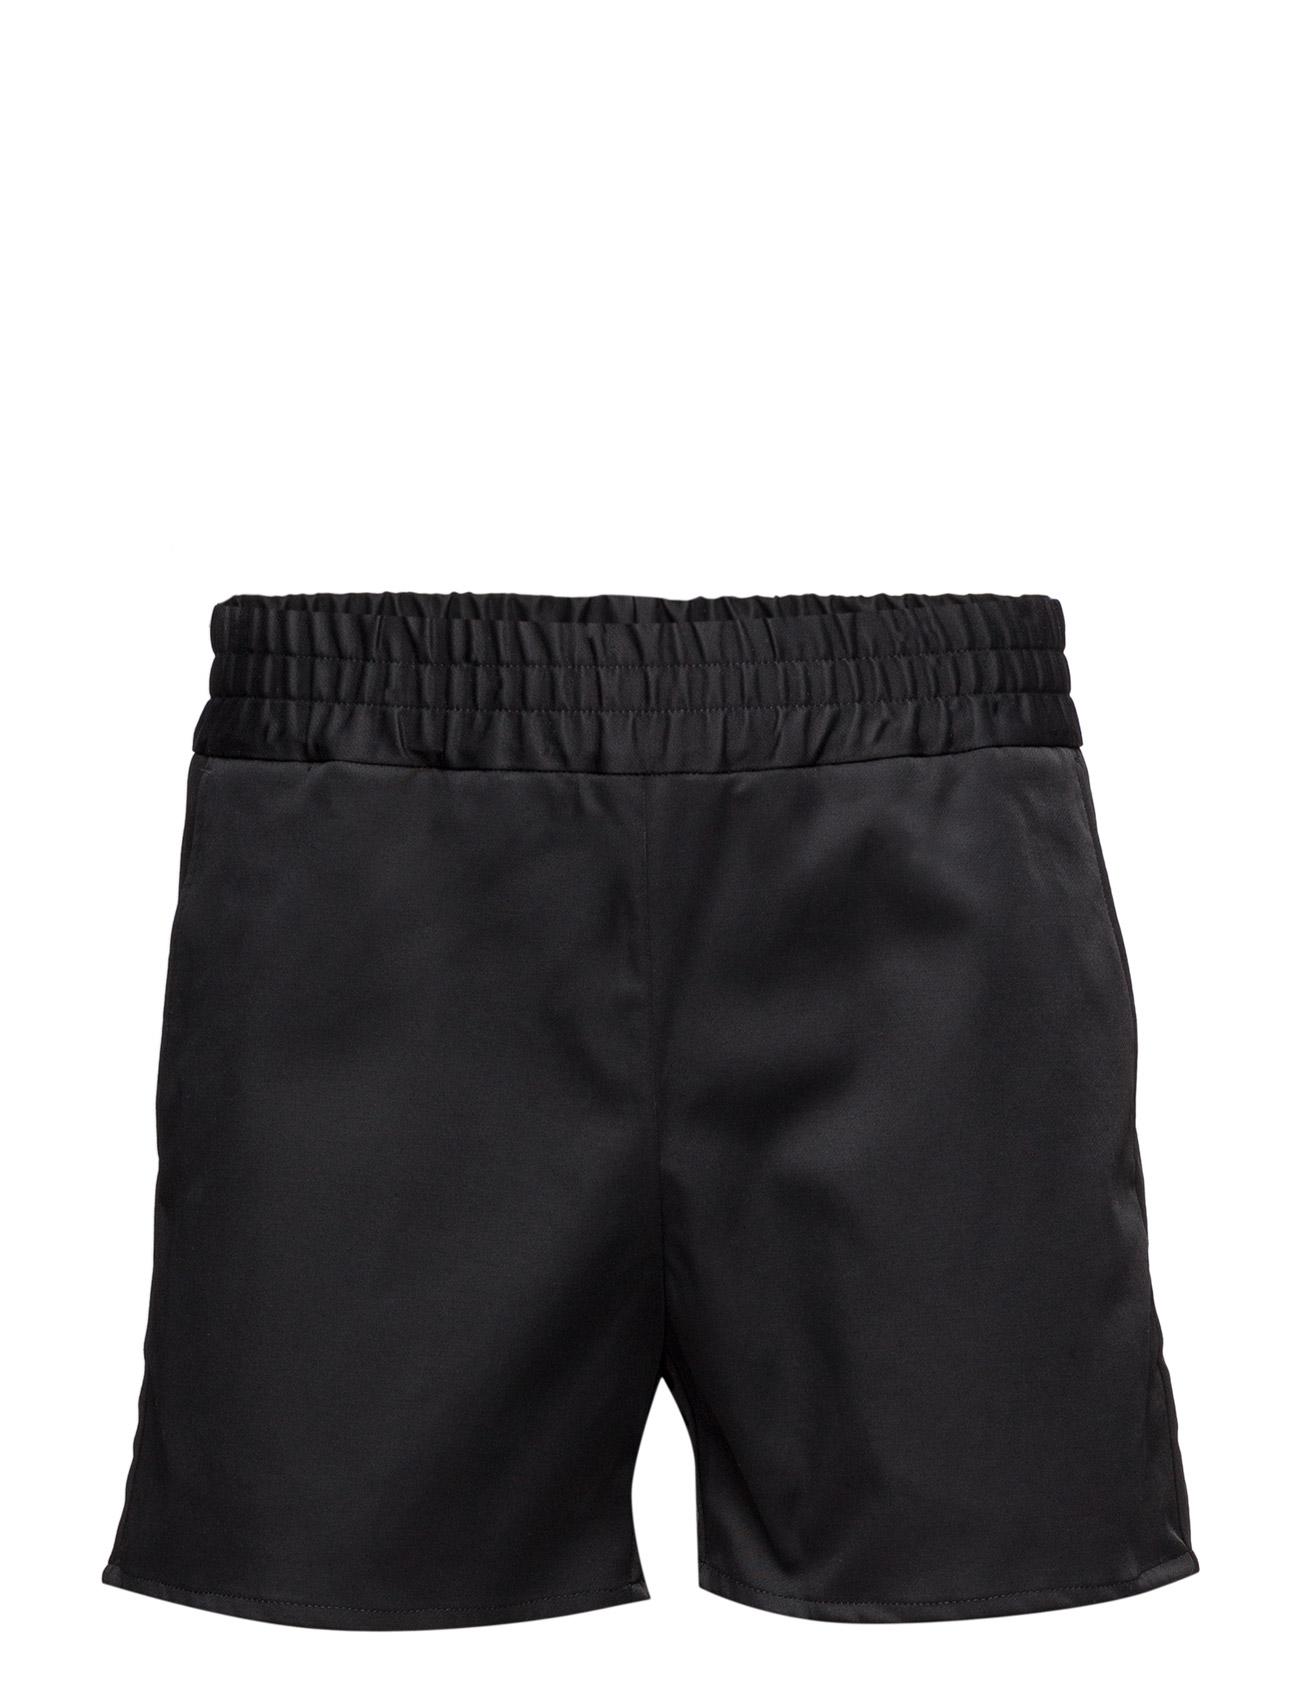 Ige_2 Won Hundred Shorts til Mænd i